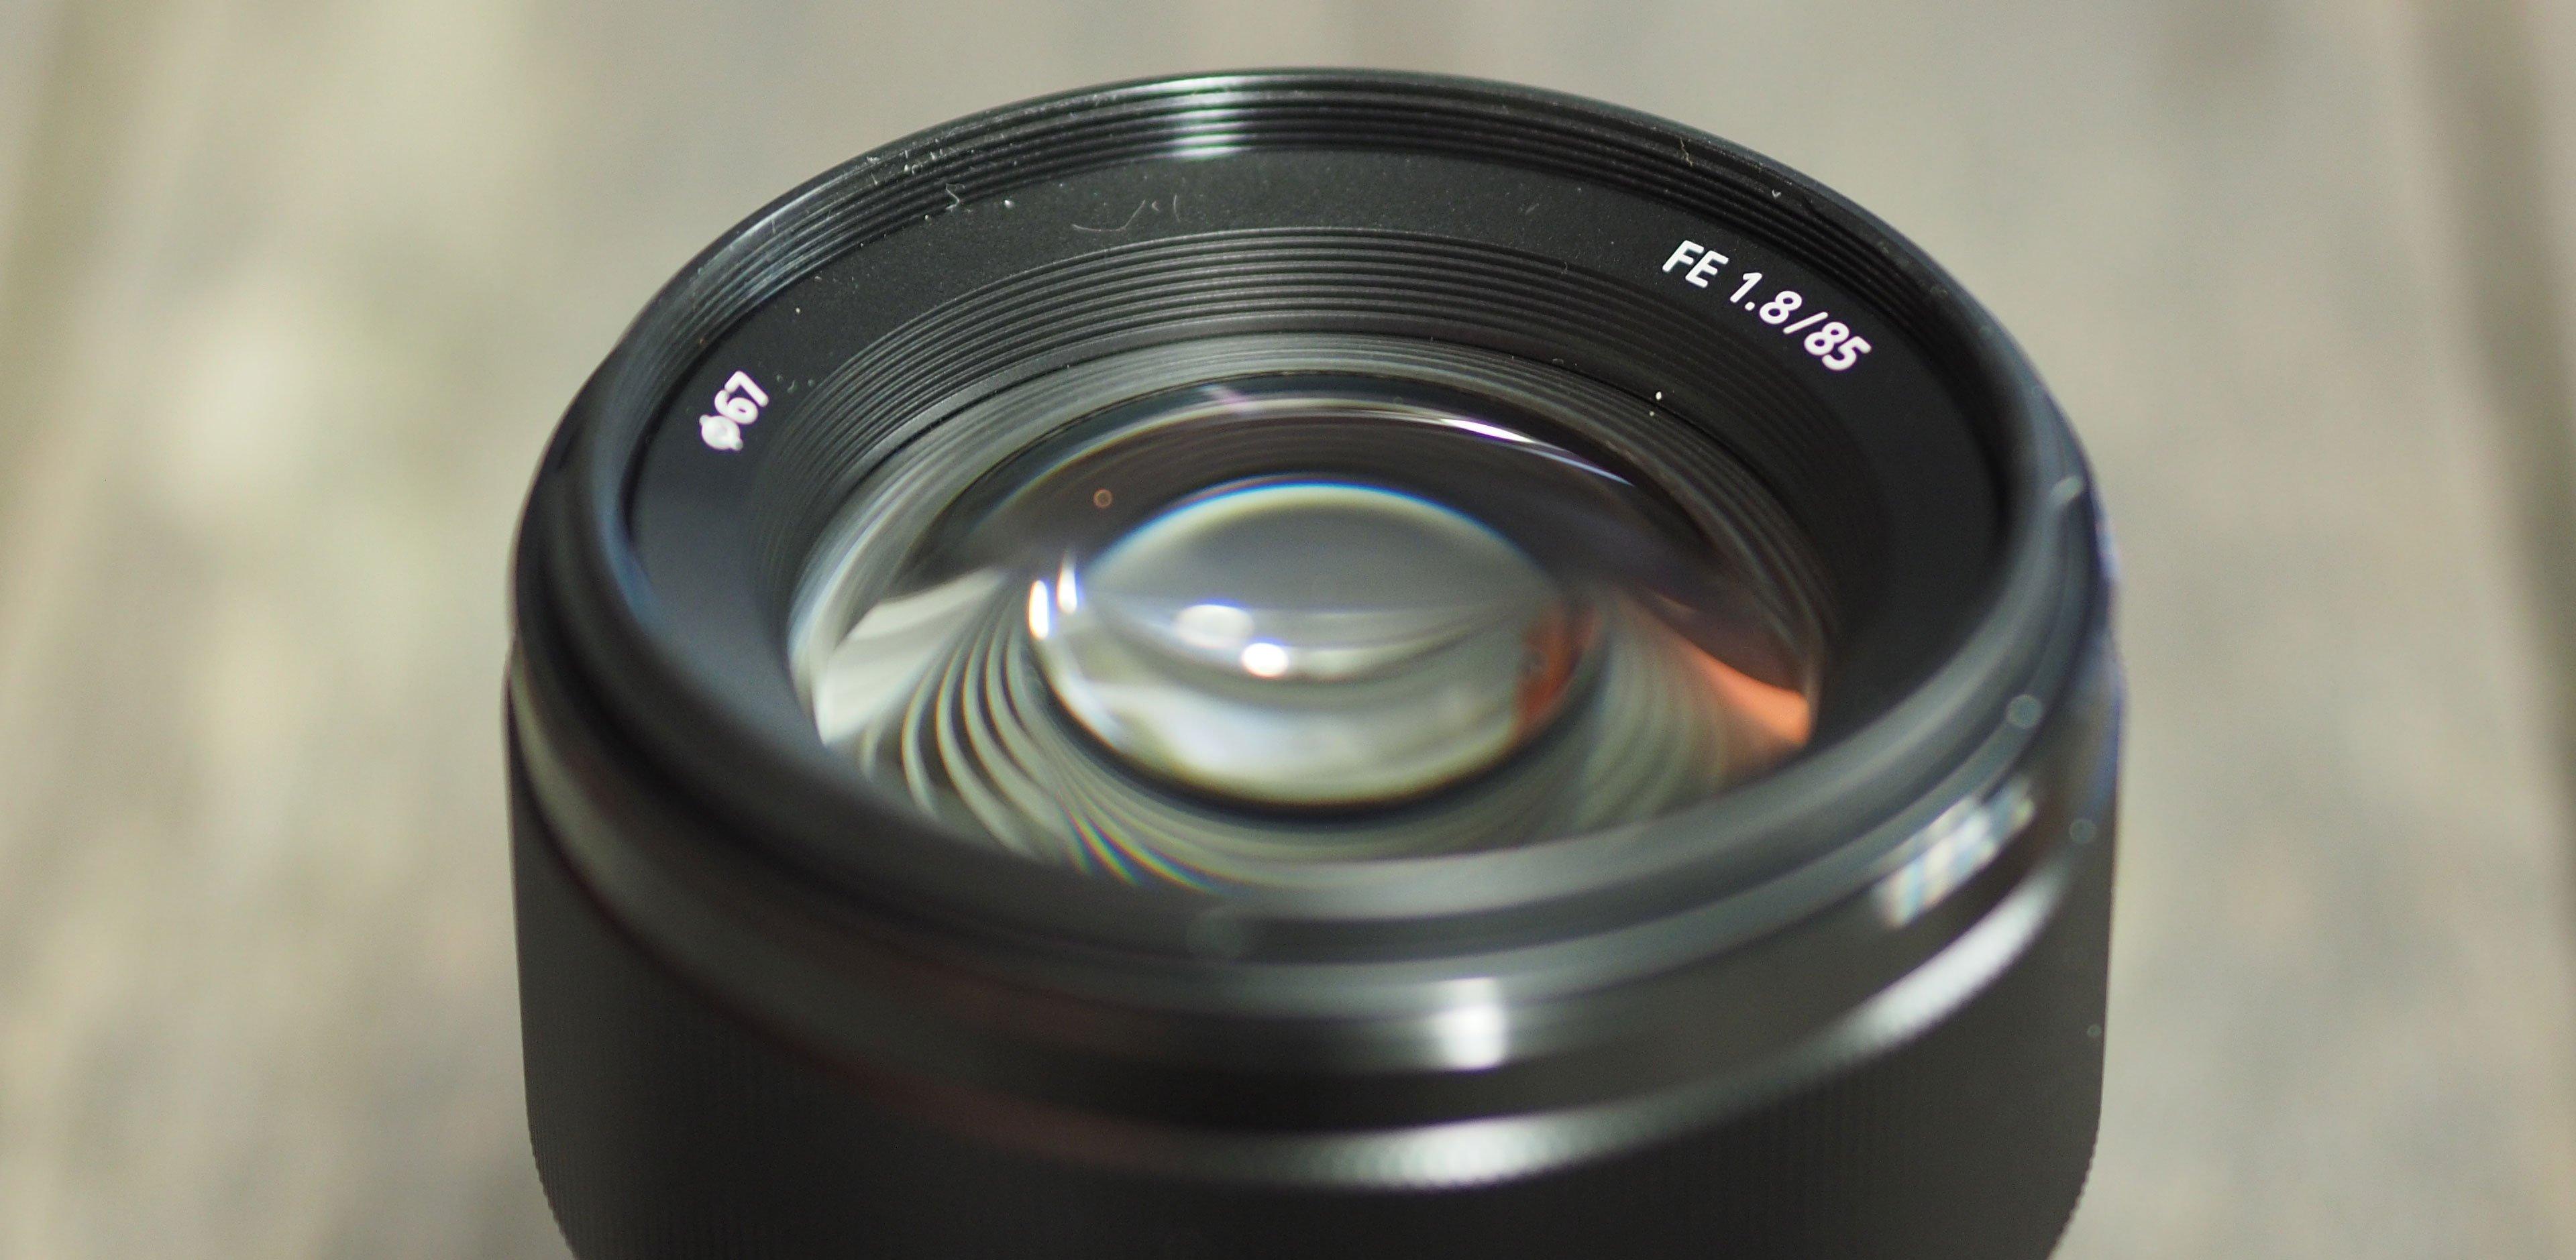 Sony-fe-85mm-f1-8-header